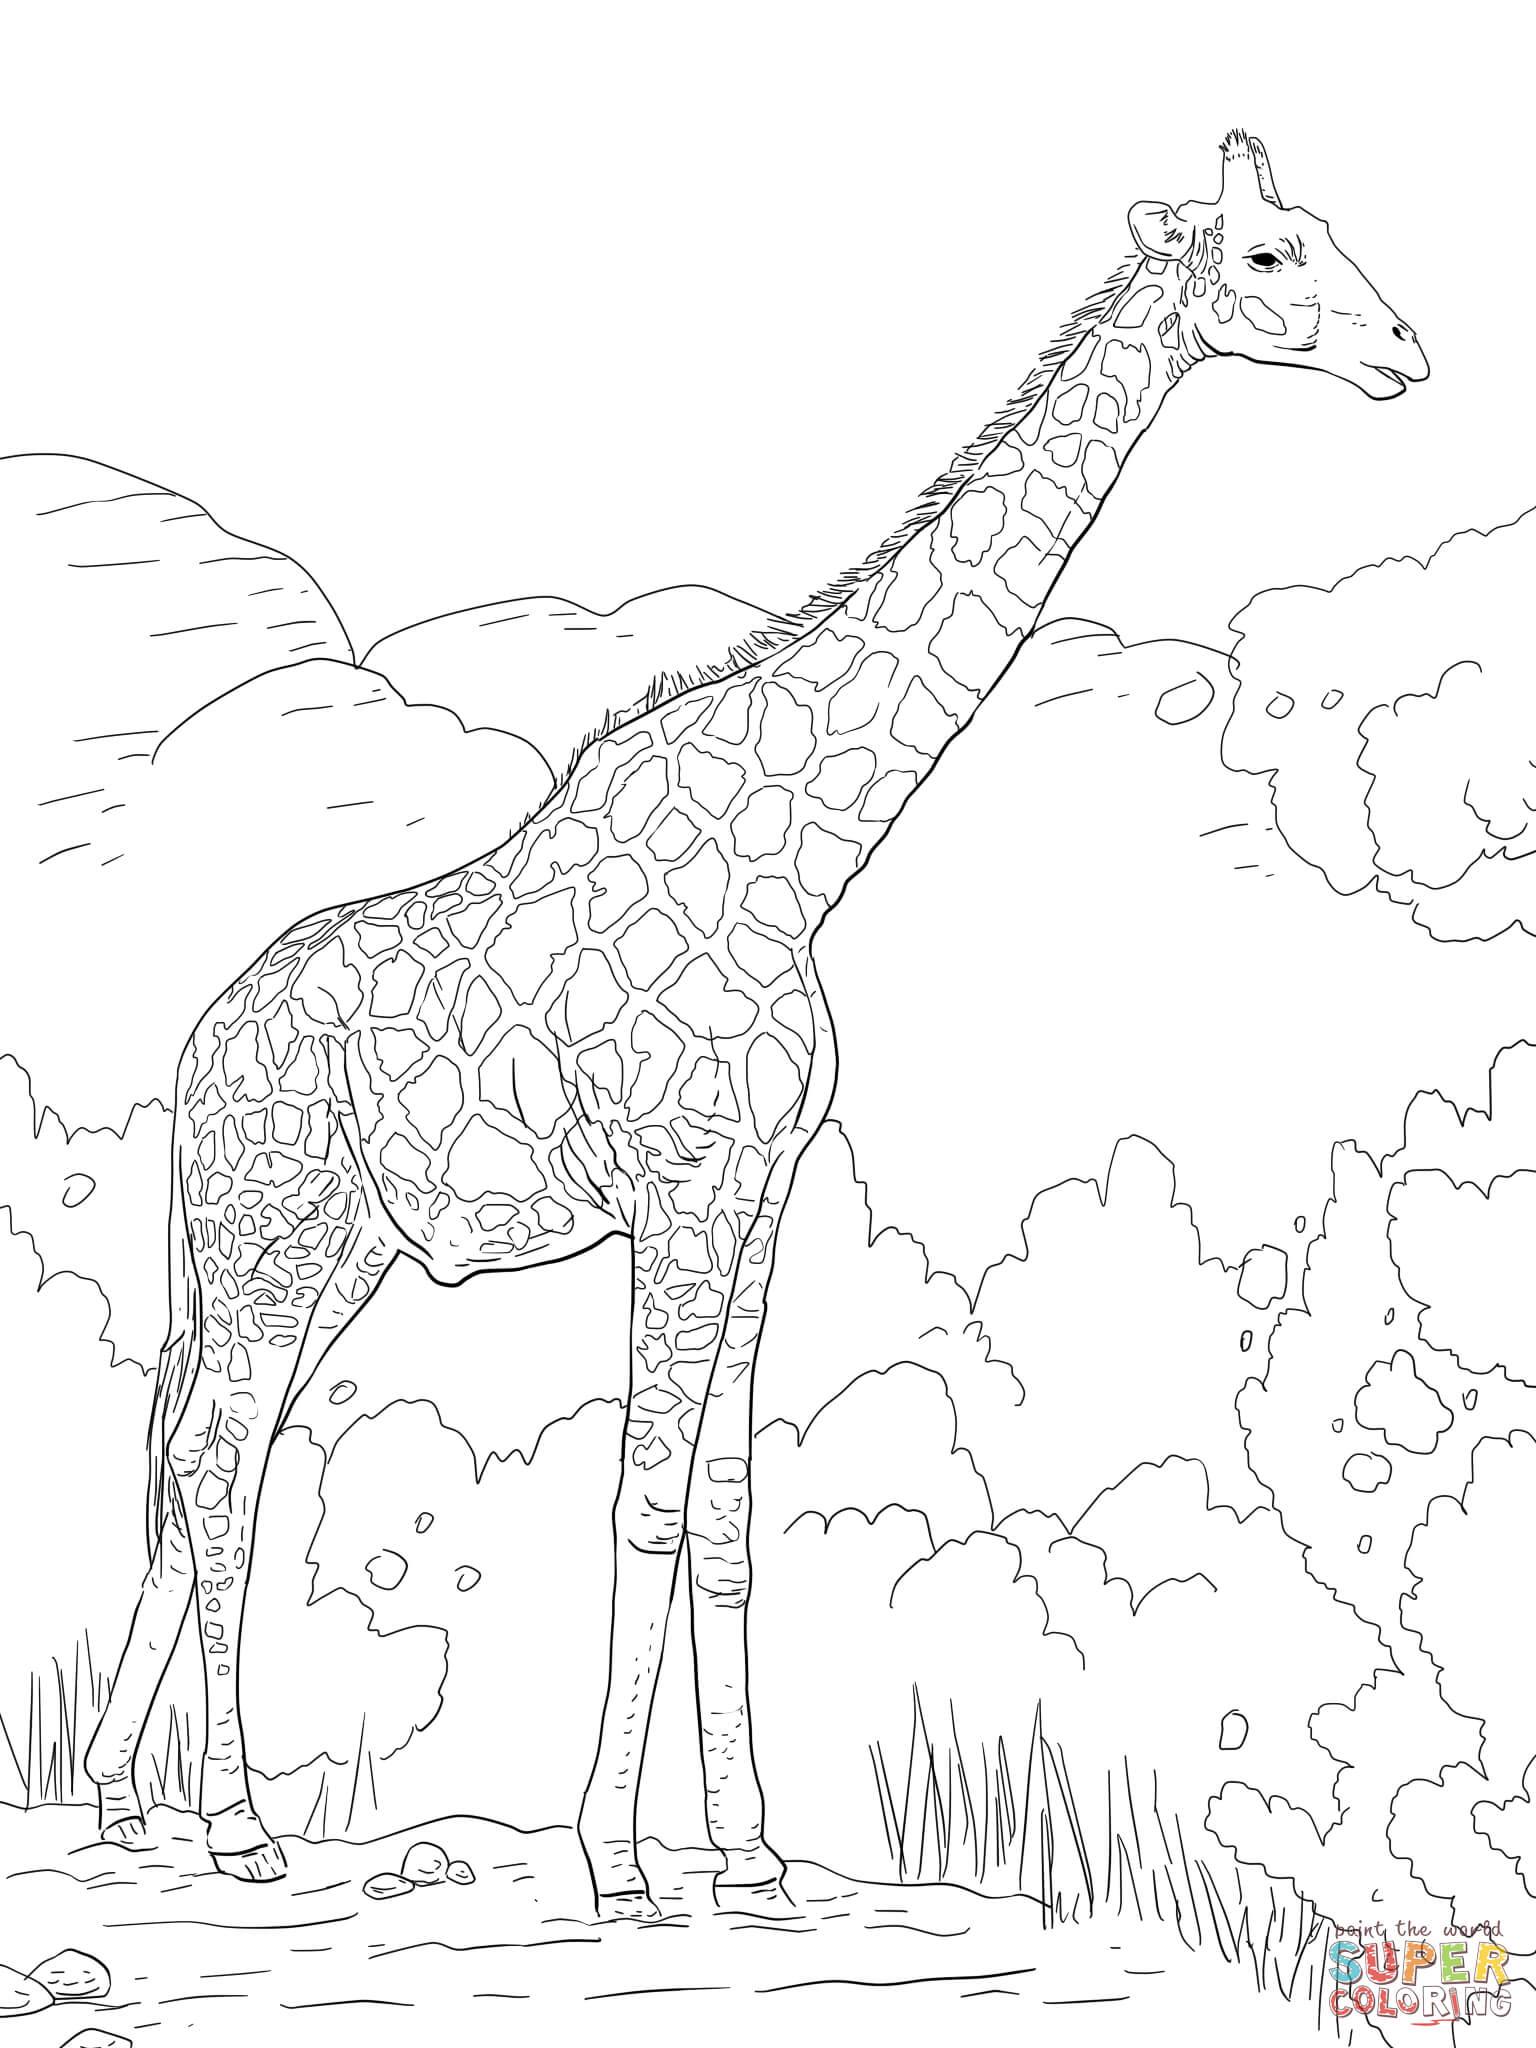 Ausmalbilder Giraffen - Malvorlagen Kostenlos Zum Ausdrucken verwandt mit Giraffe Ausmalbild